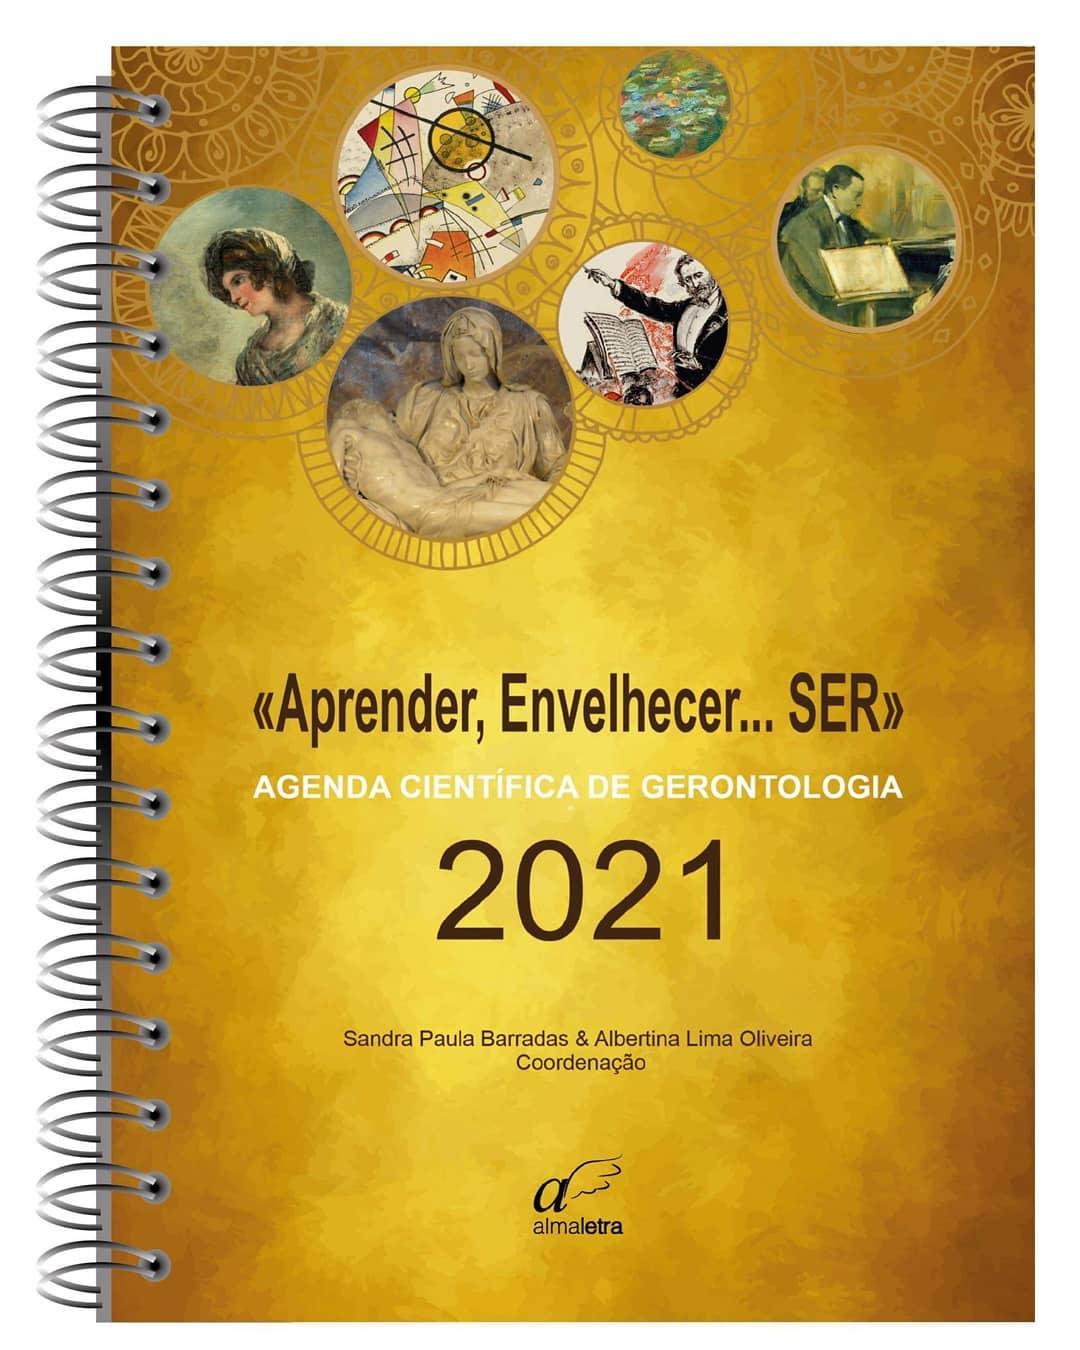 Newletter de Janeiro sobre a parceria da Humanamente com a Alma Letra e a sua Agenda Científica de Gerontologia 2021